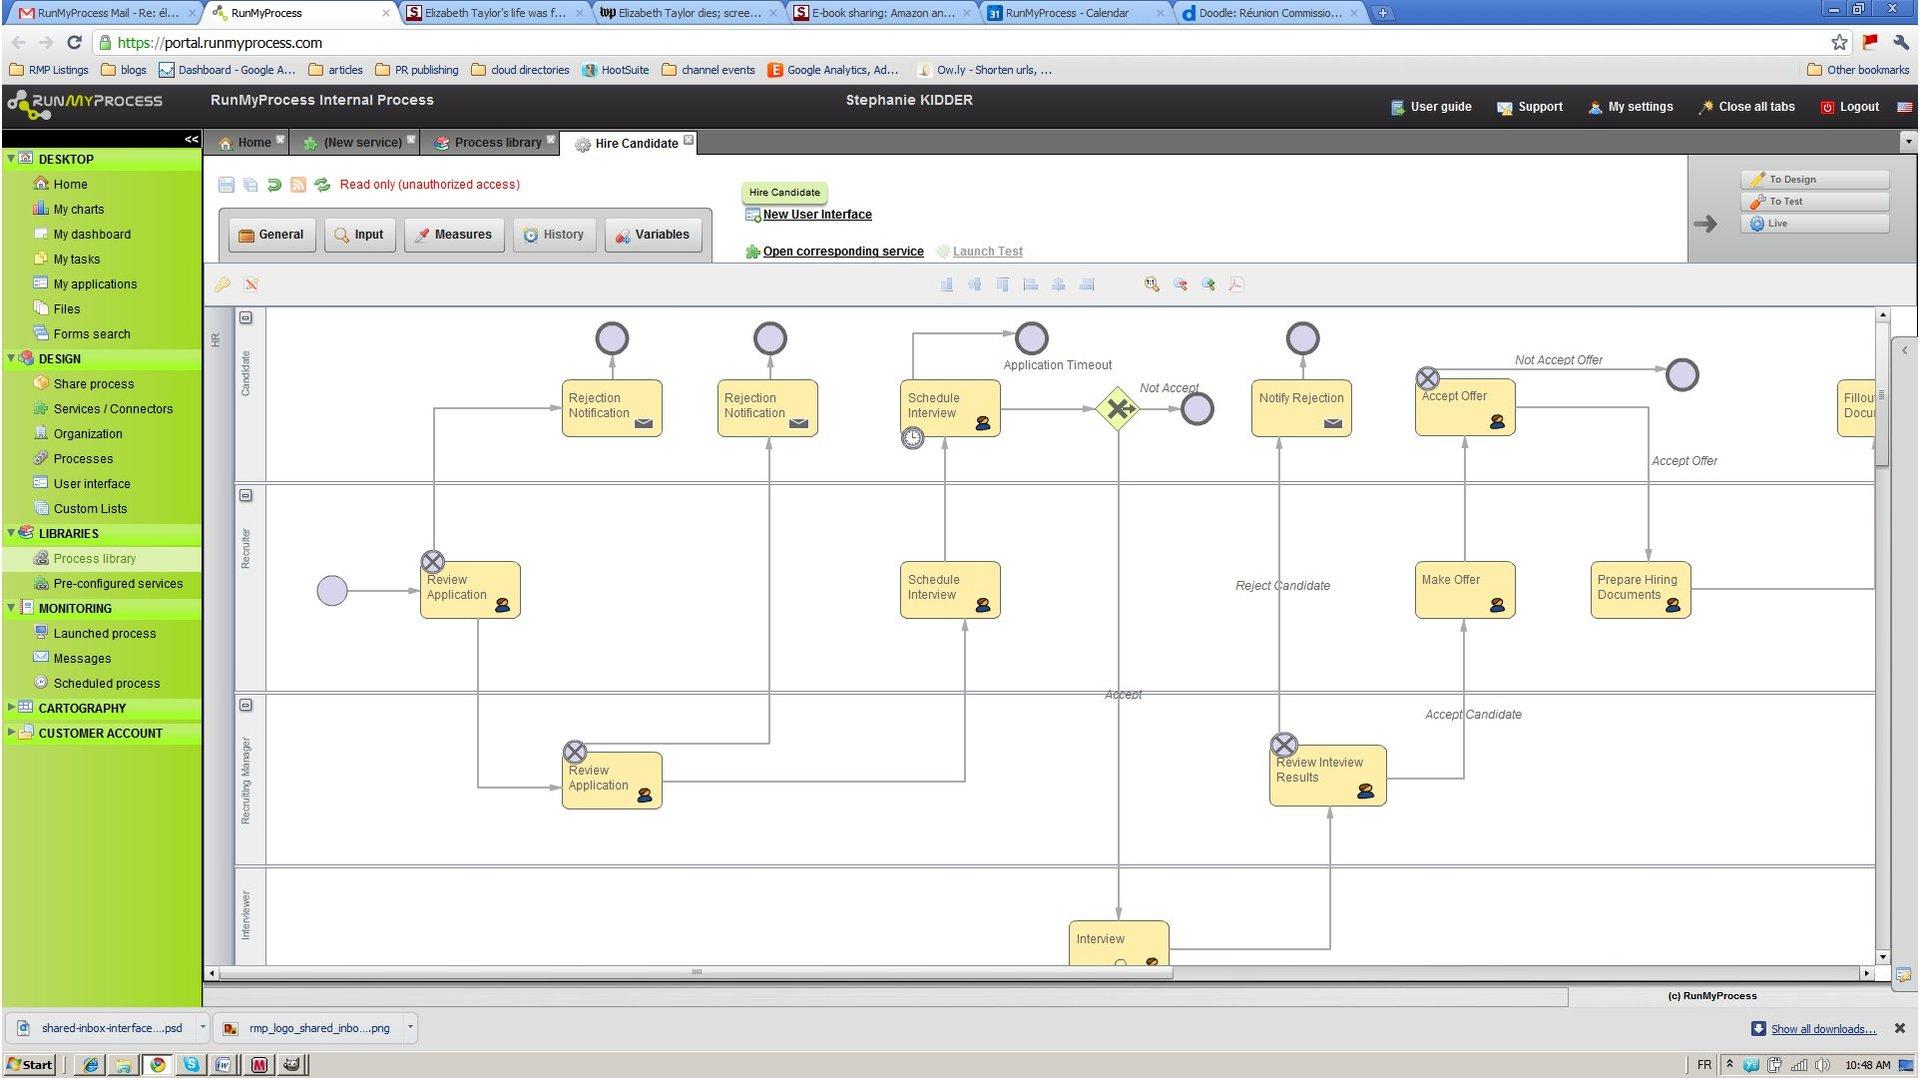 RunMyProcess – в сервисе сделан упор не на целостном приложении для управления проектами и не на интеграции с другими сервисами, а на построении собственных решений, подключении уже используемых сервисов и каналов коммуникаций